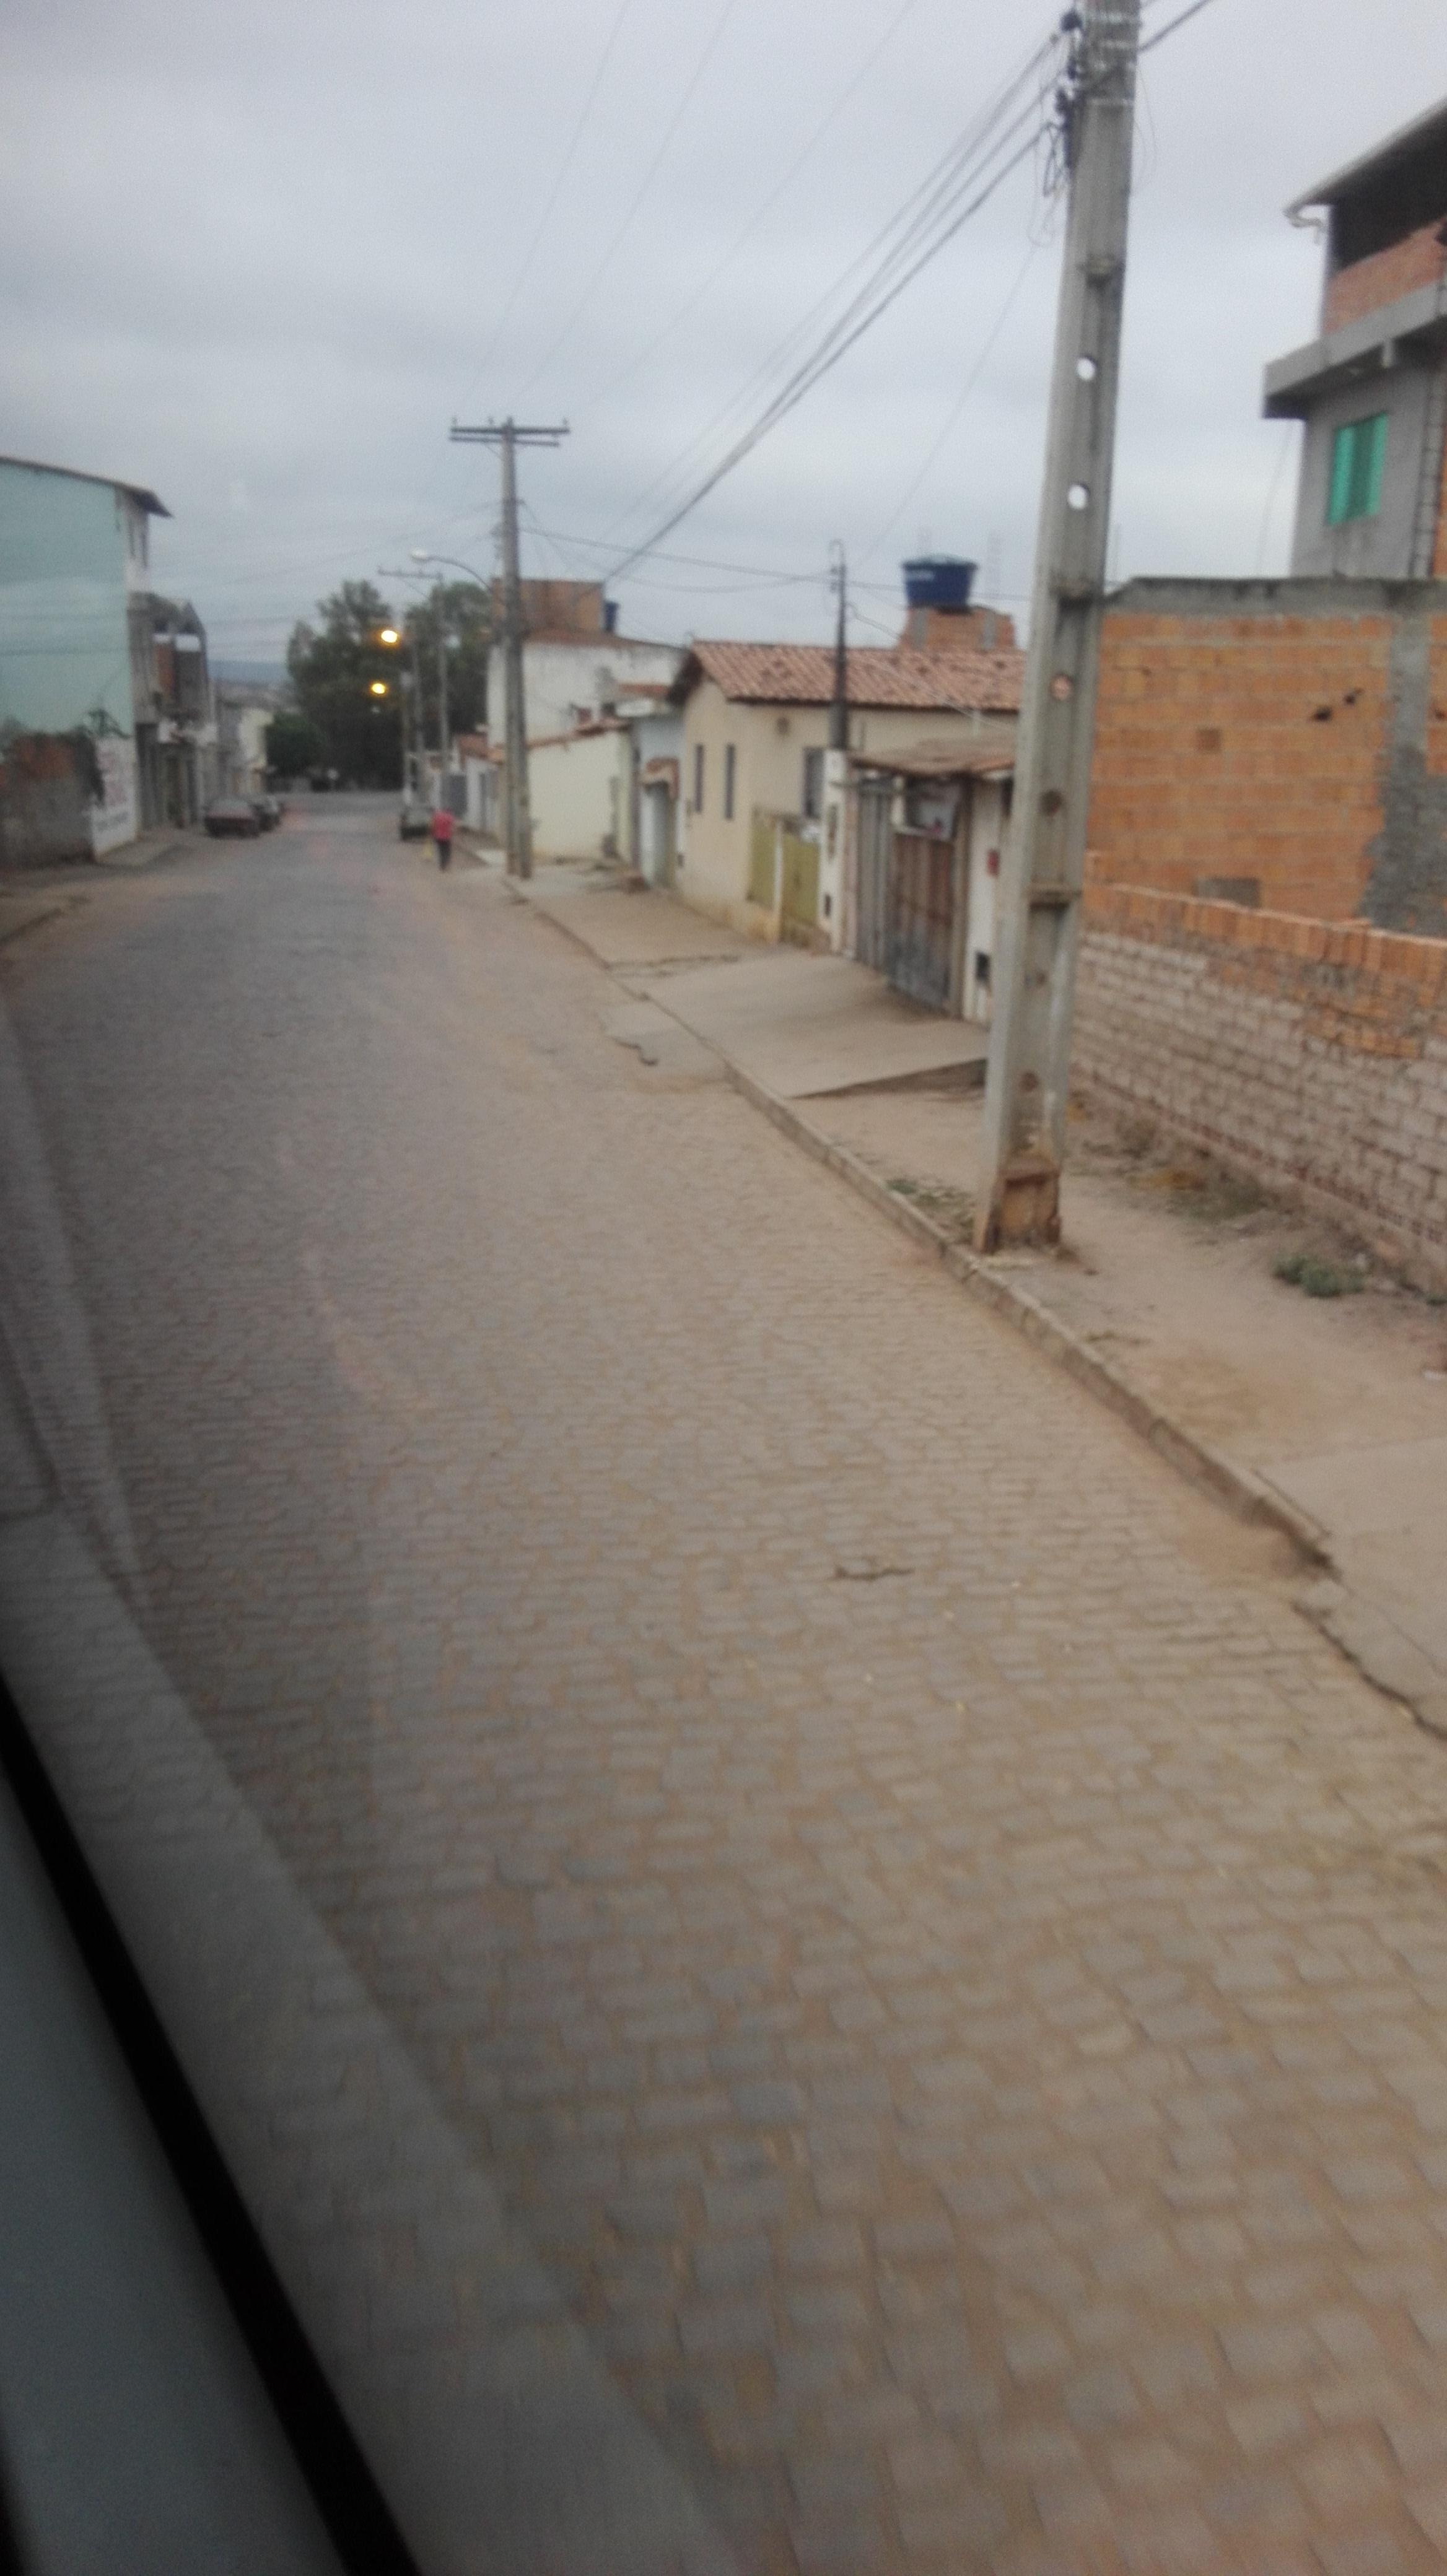 de-eerste-indrukken-op-deze-weg-richting-Ibitiara-26